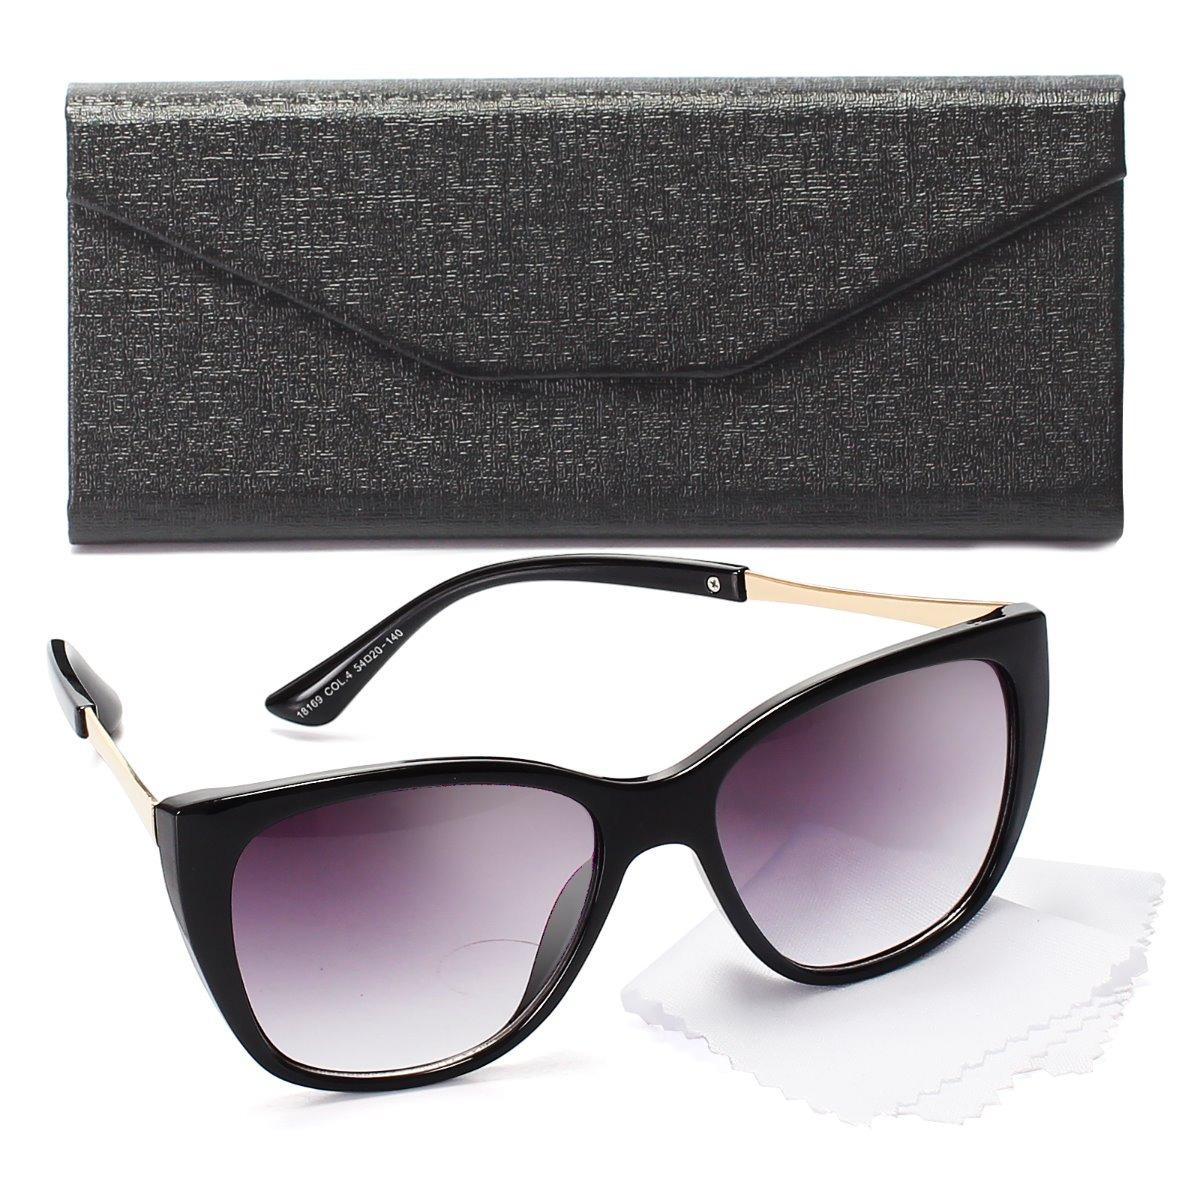 e9508ccdd86a7 oculos sol feminino gatinho lente proteção uv estojo grátis. Carregando  zoom.